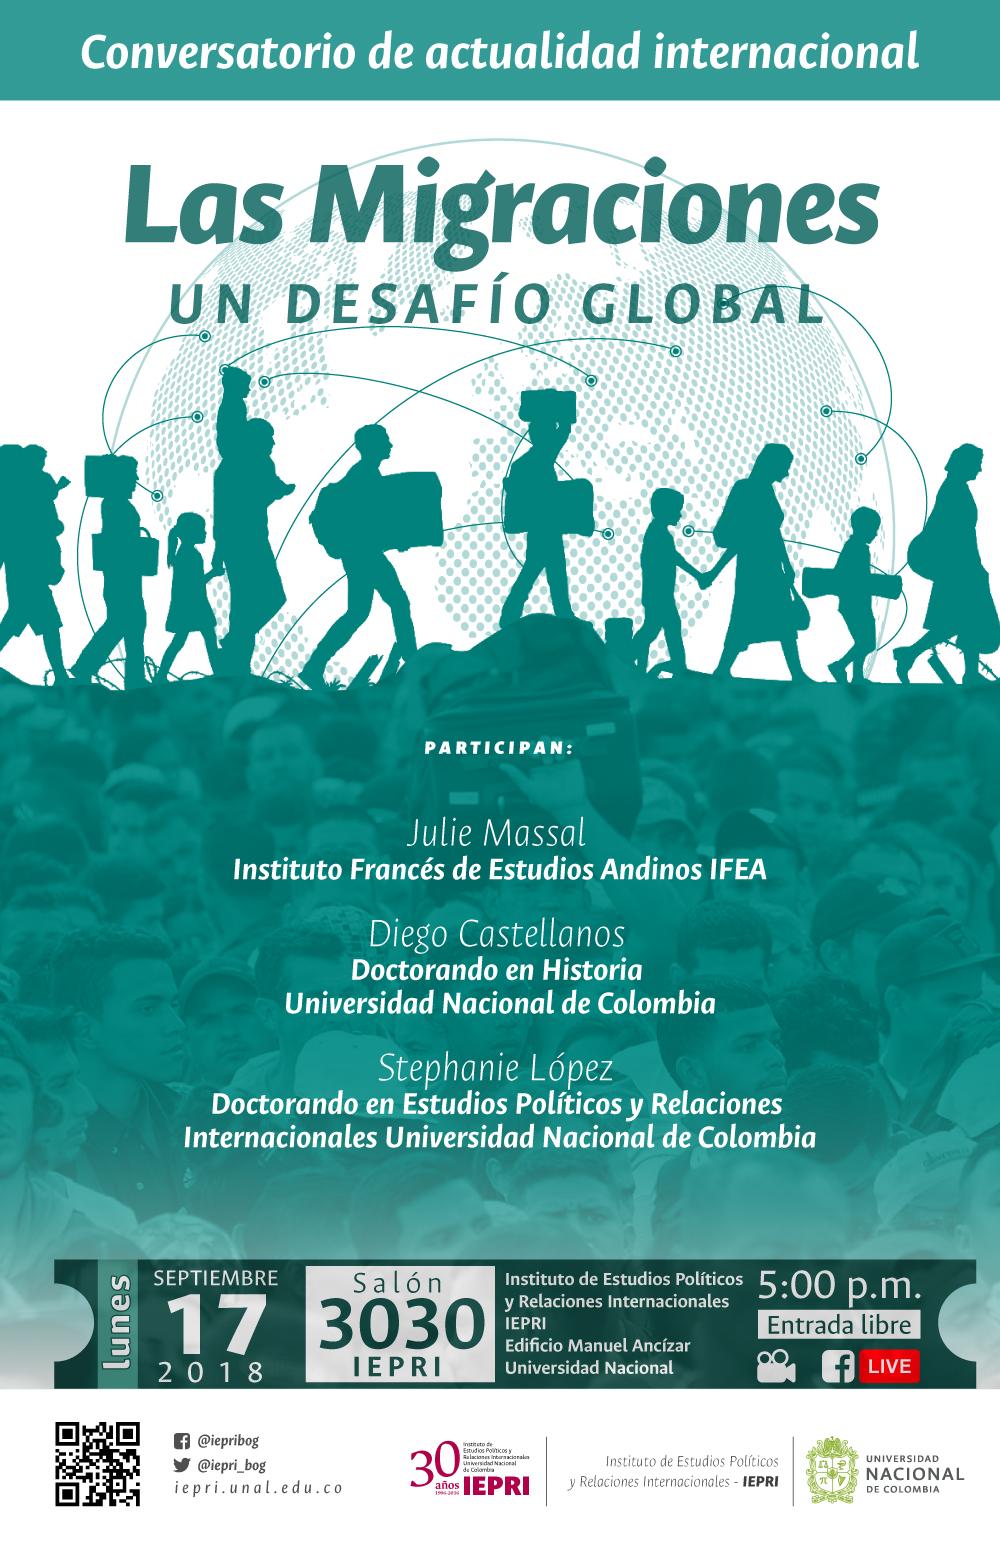 Conversatorio de actualidad internacional «Las migraciones, un desafío global»